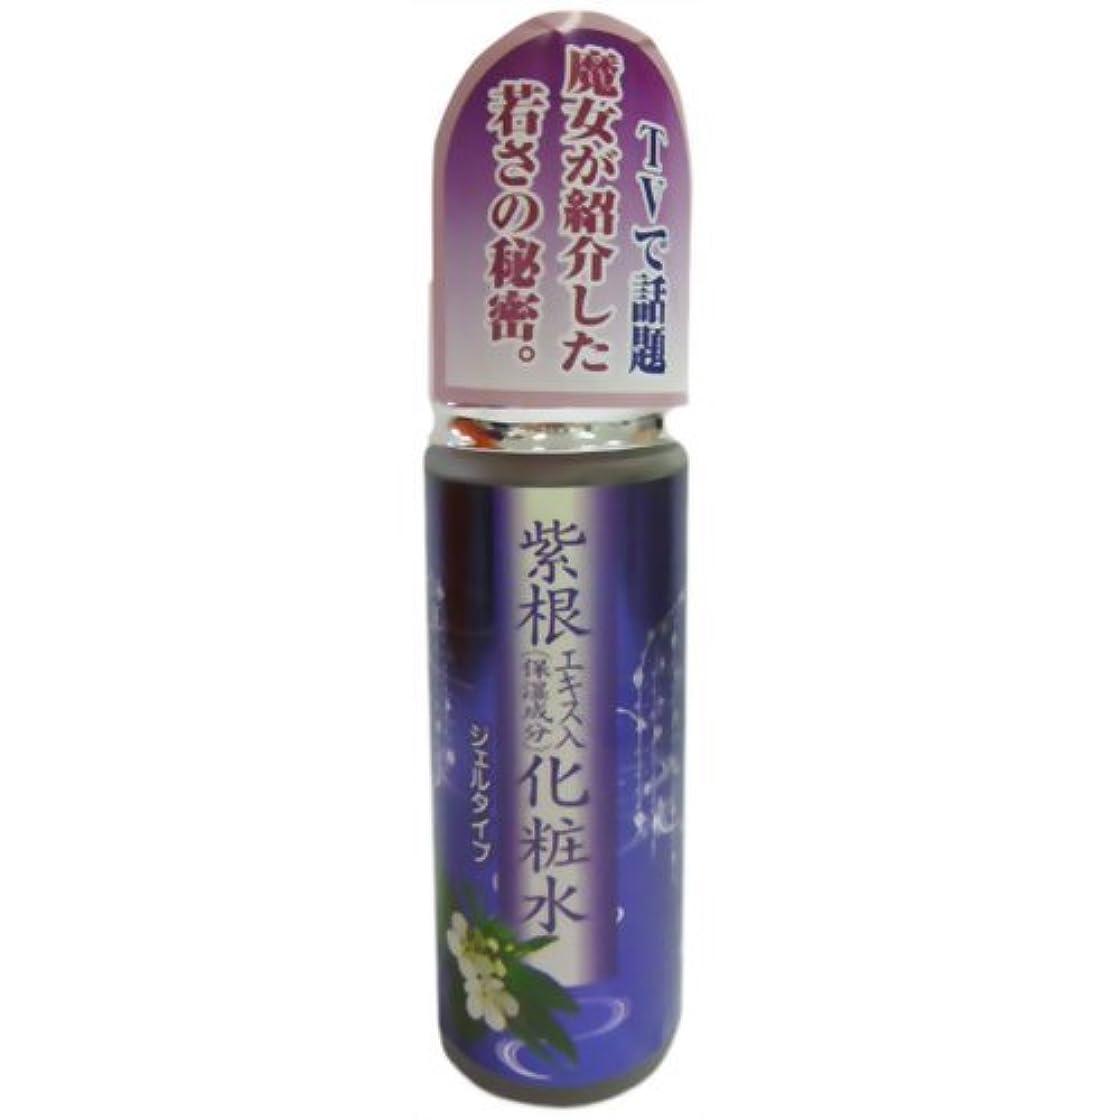 不適正直櫛紫根ジェルローション 120ml